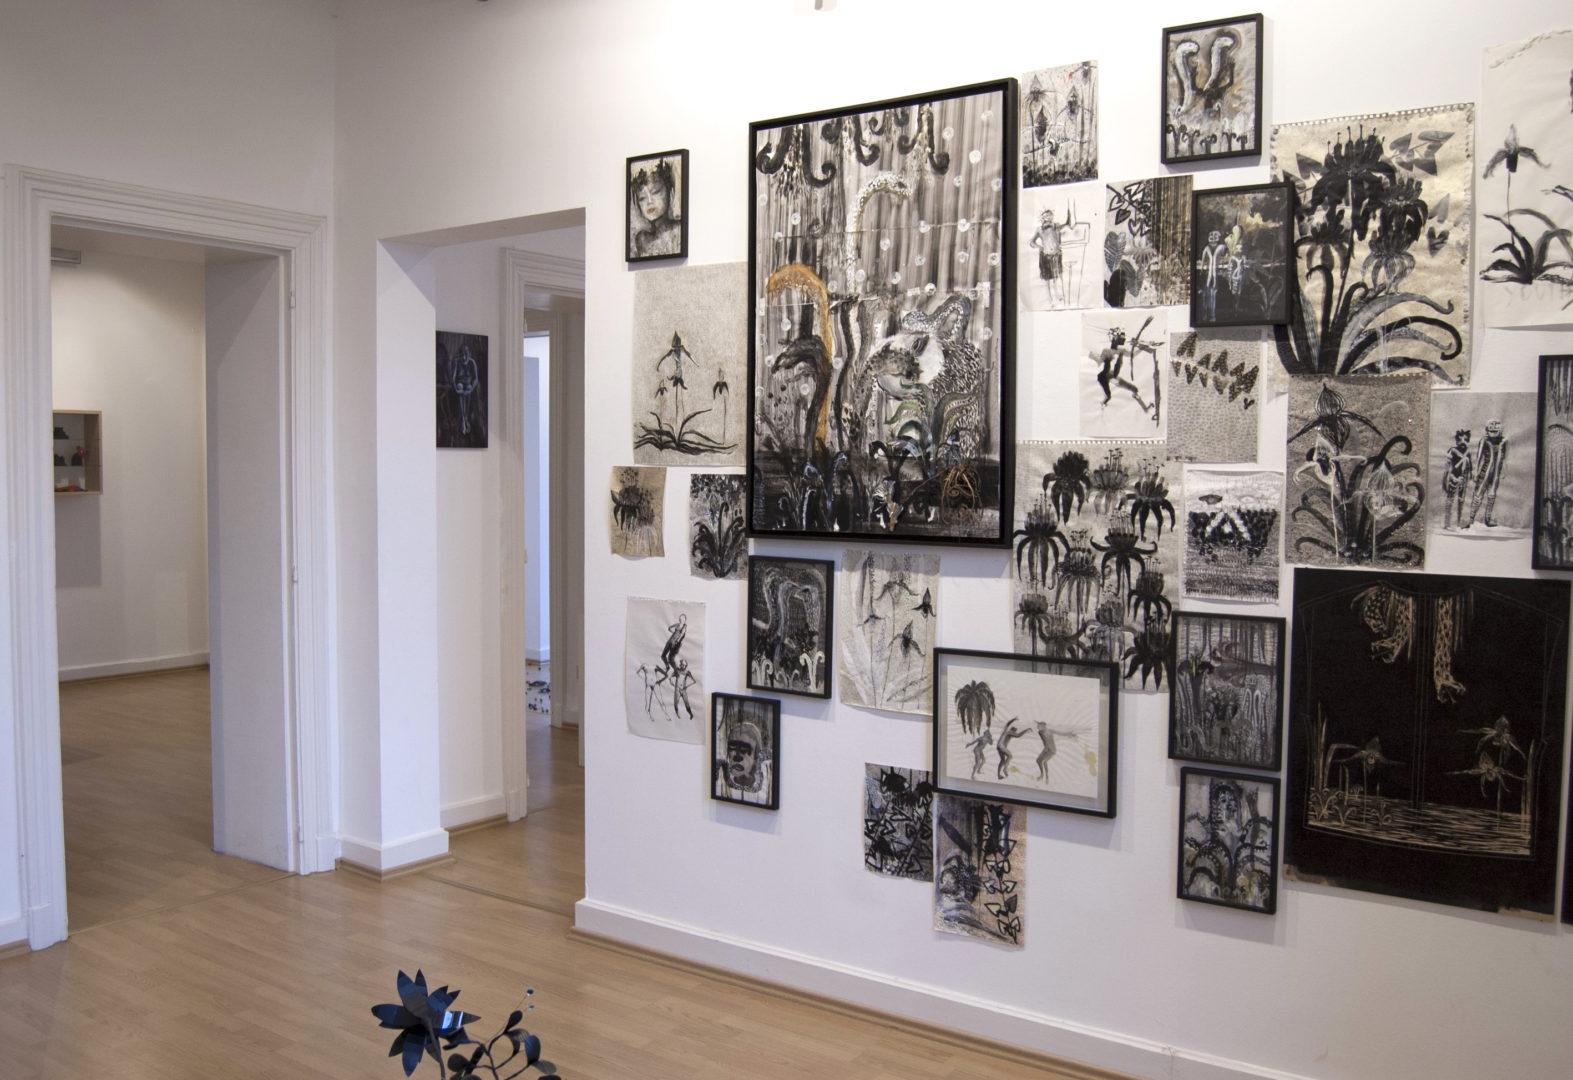 Vue de l'exposition Bastion! - Commissaire : Damien Deroubaix - Dudelange